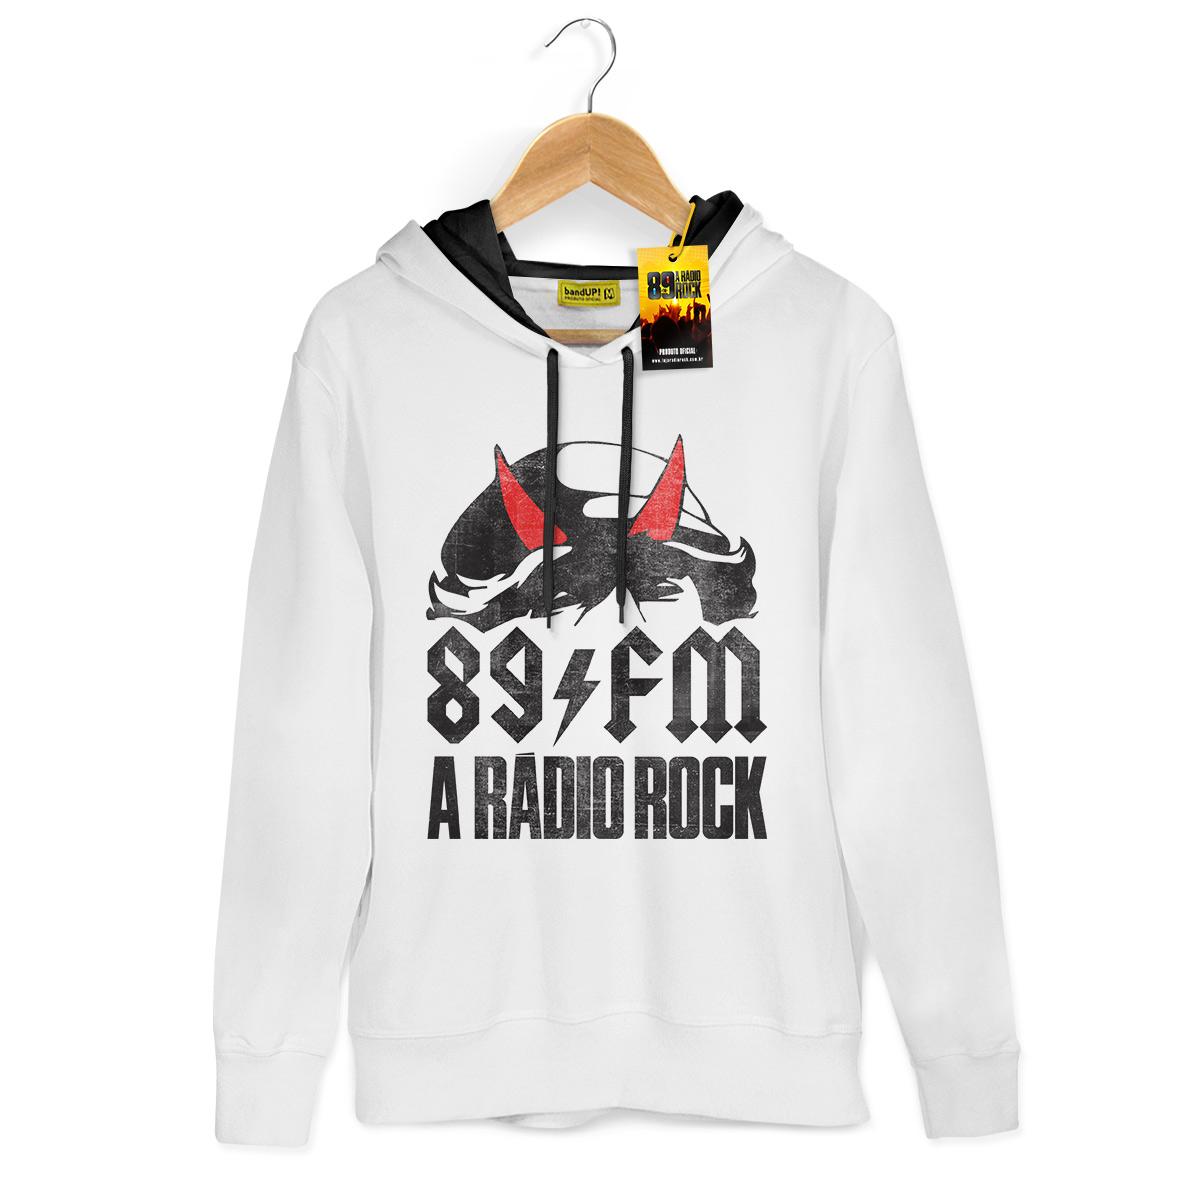 Moletom Com Capuz Preto 89FM A Rádio Rock Highway to Hell